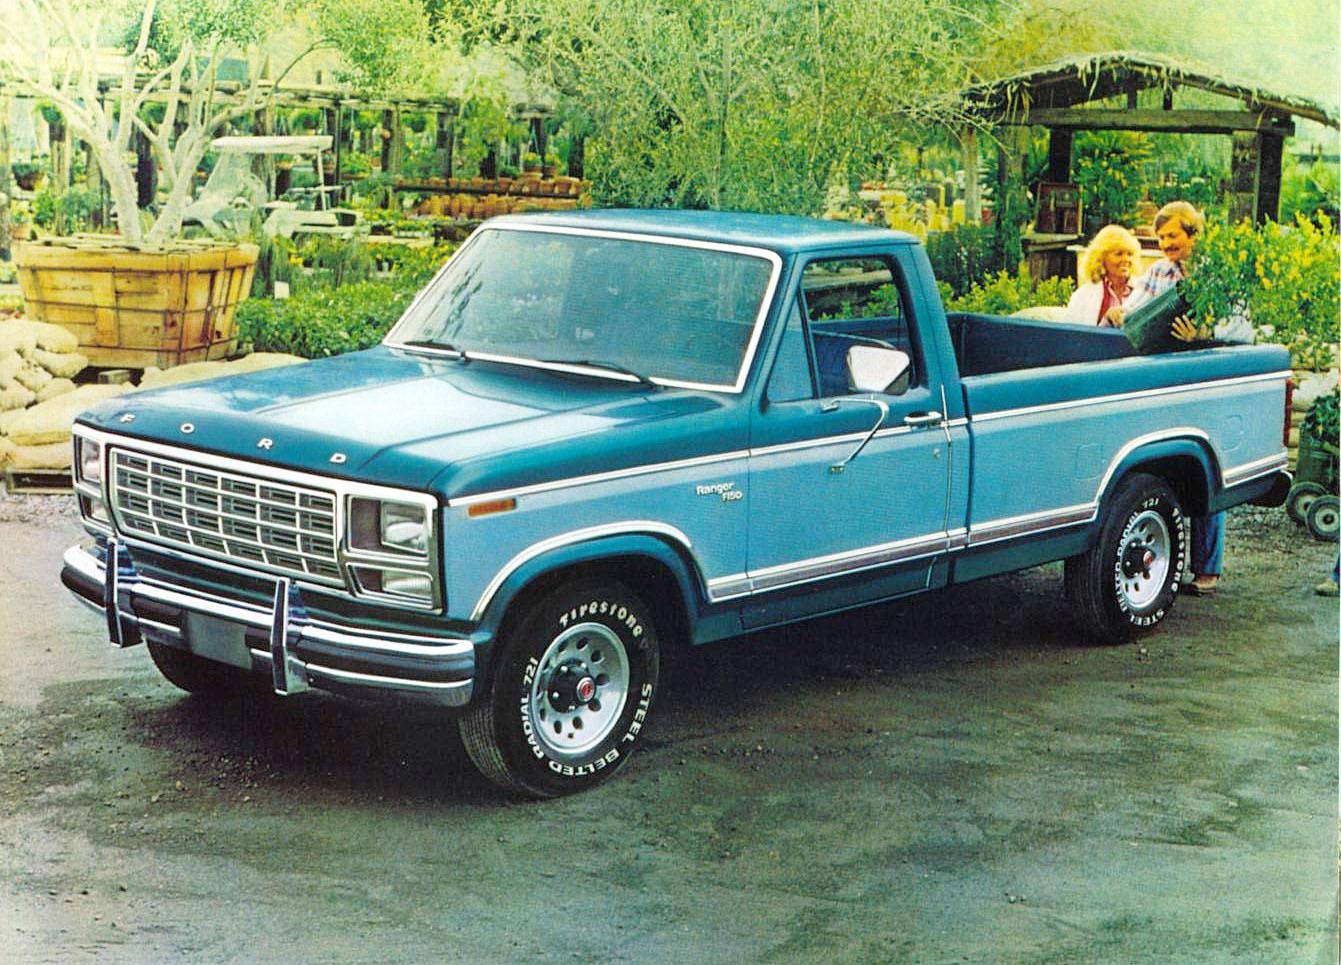 Ford Explorer 1980 >> Las Ford de Estados Unidos de 1980 | Archivo de autos